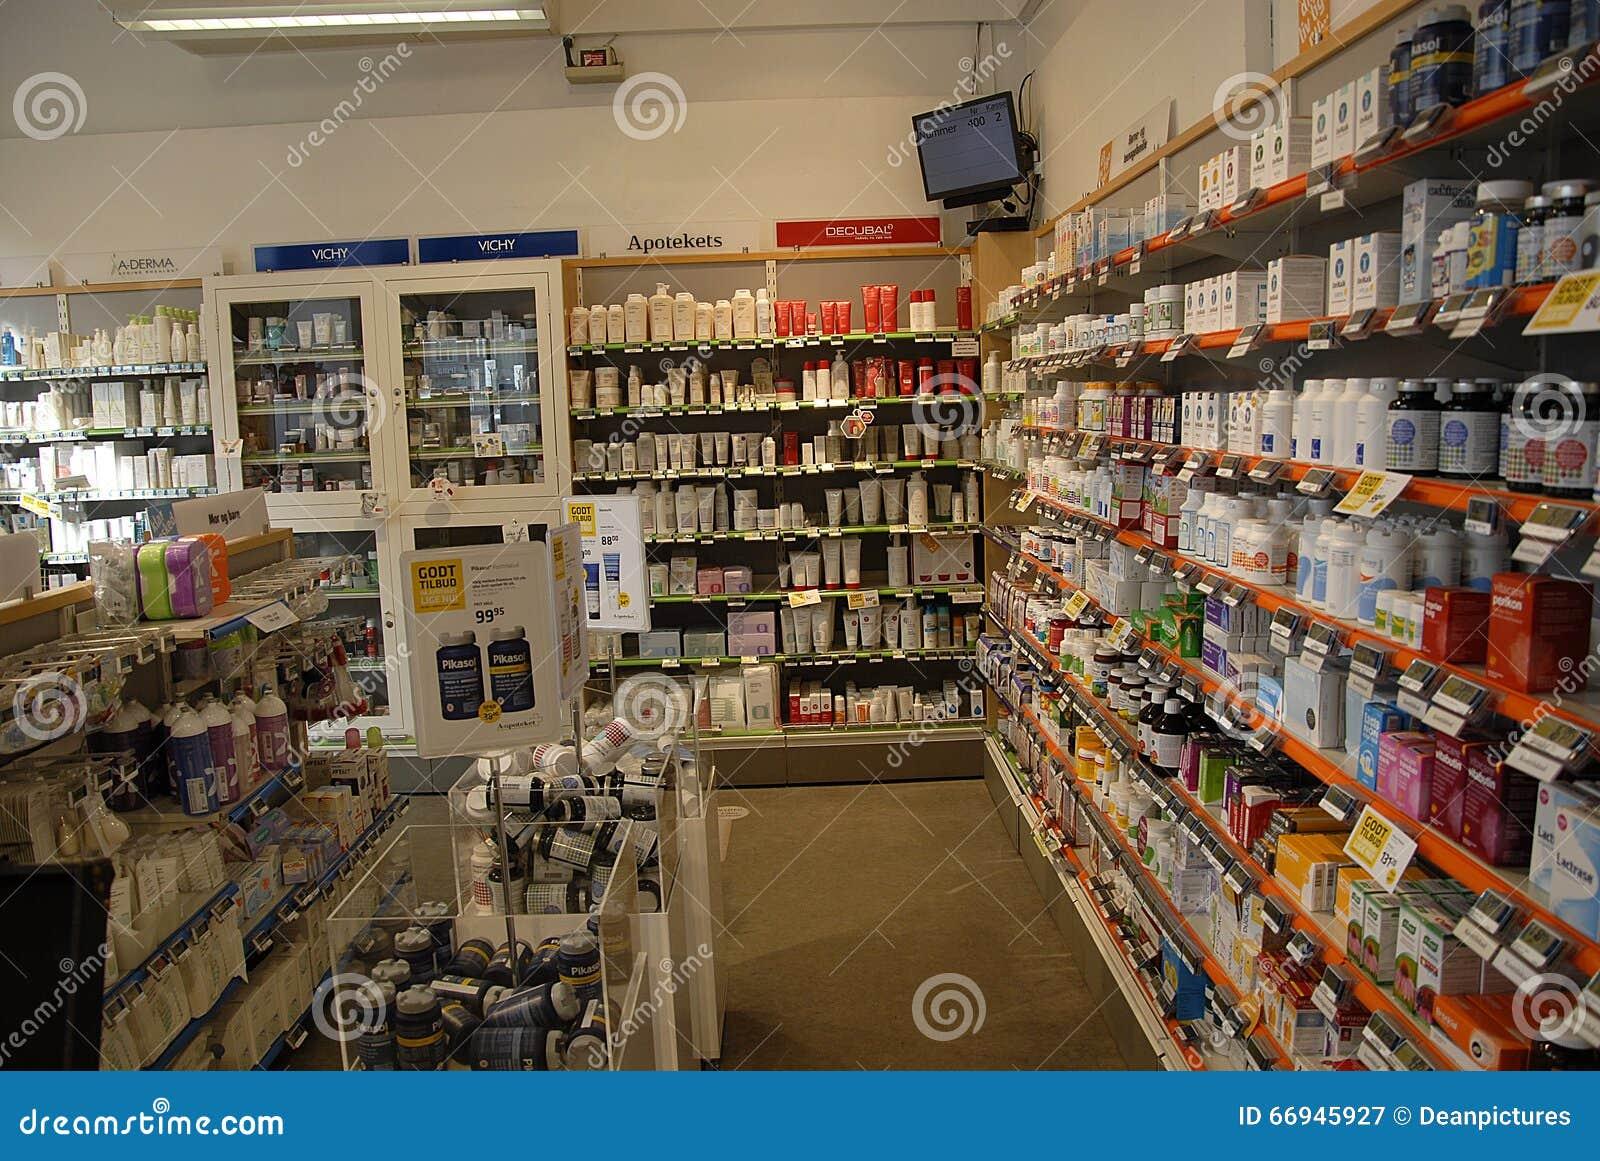 apotek denmark